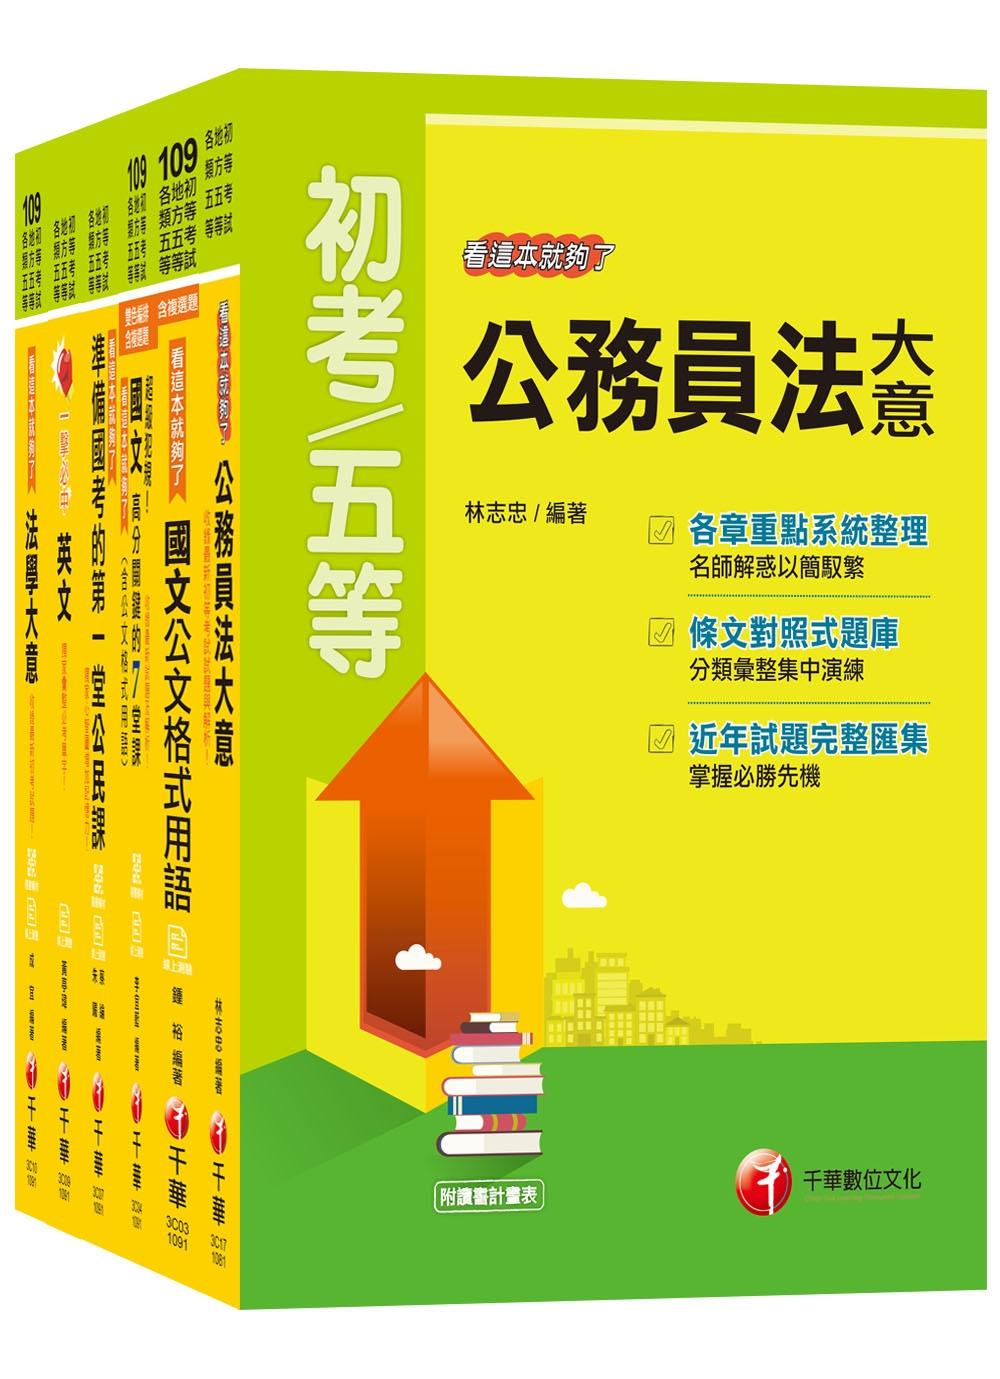 2020 高分秘笈【廉政】初等考試‧地方五等課文版全套